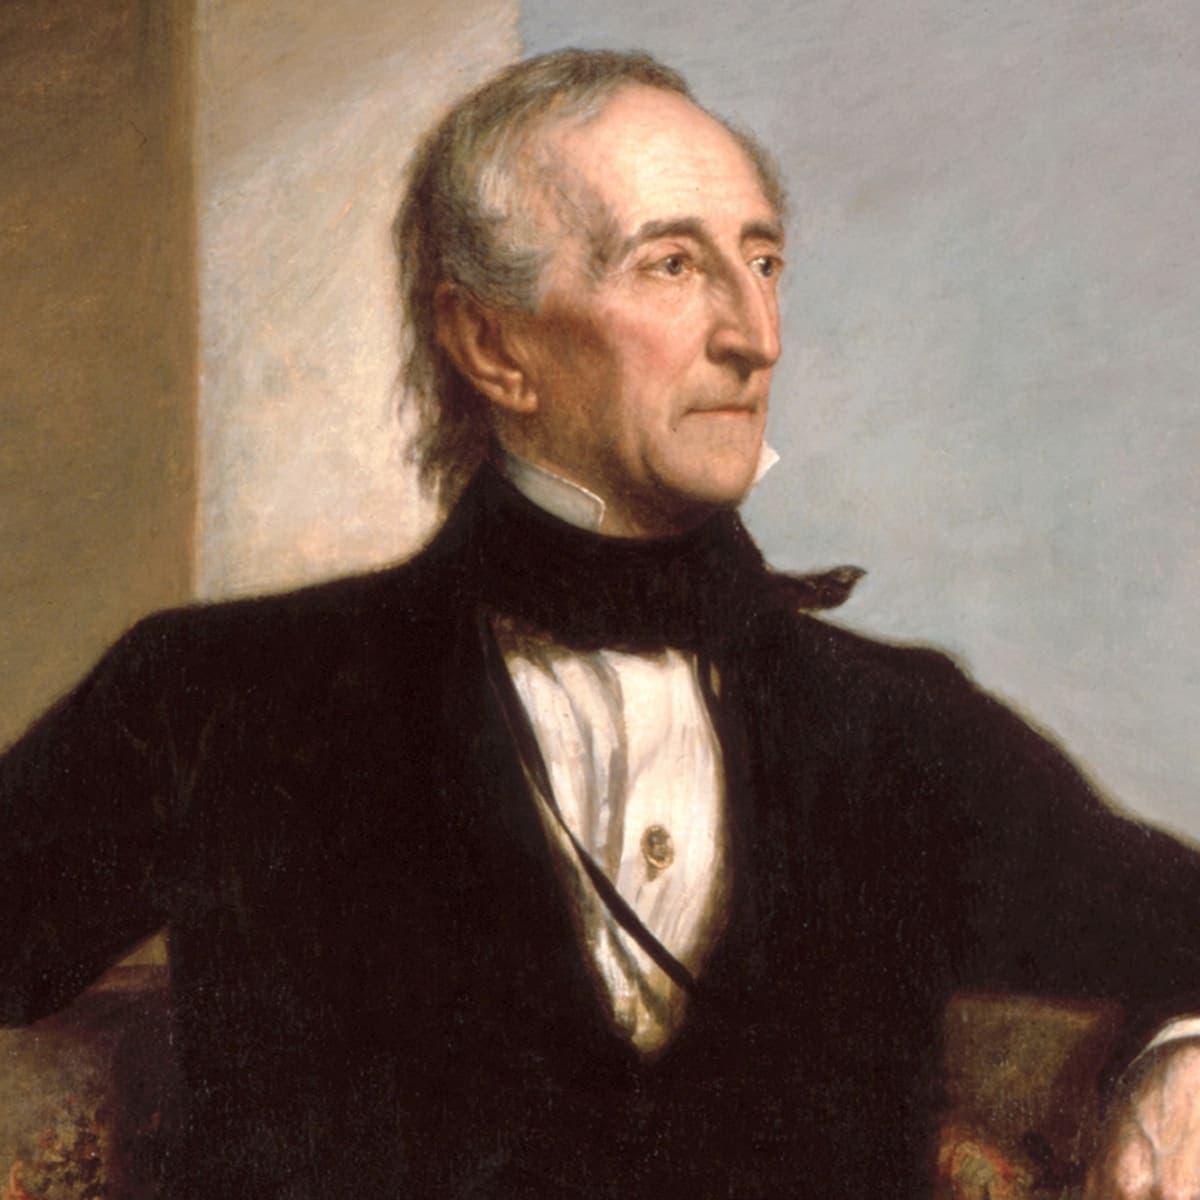 لوحة تجسد الرئيس جون تيلر